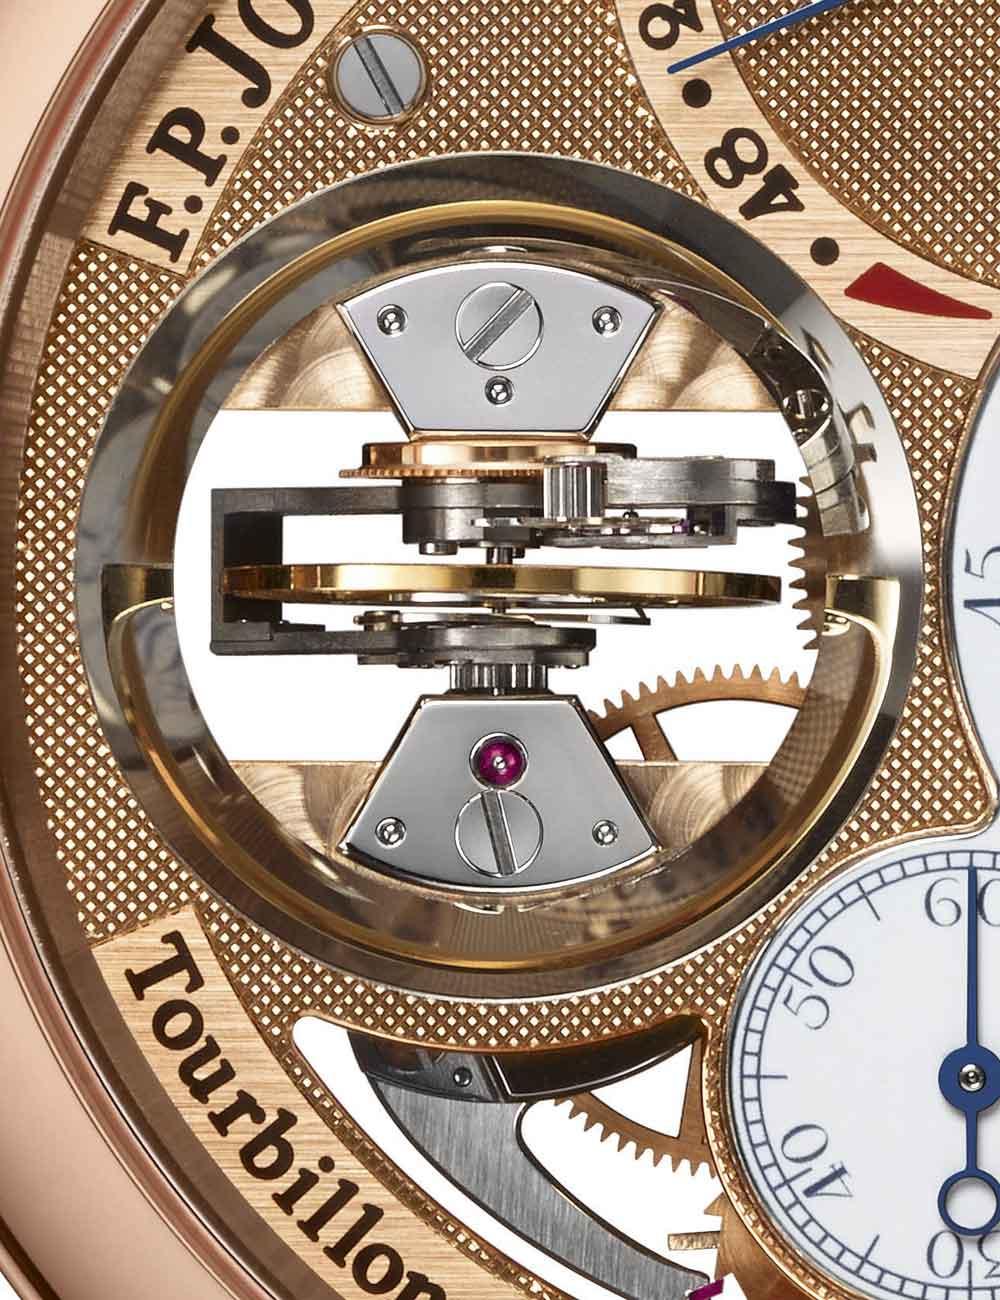 Reloj Tourbillon Souverain Vertical de F.P Journe Invenit et Fecit